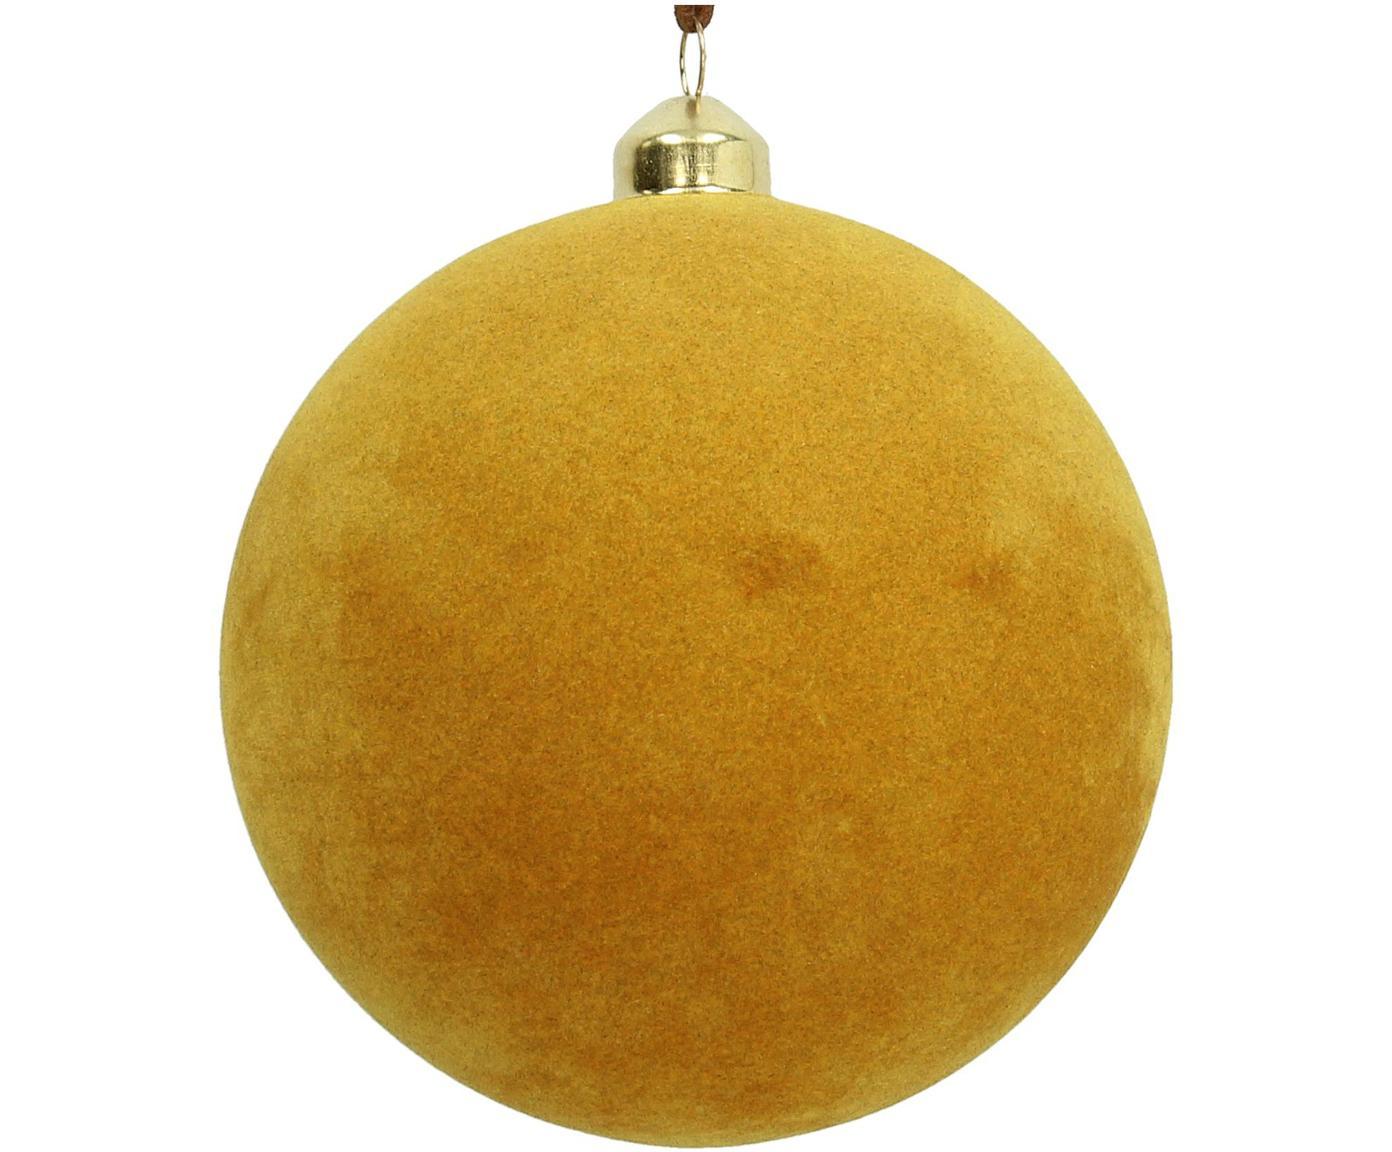 Bolas de Navidad Elvien, 4 uds., Amarillo, Ø 12 cm